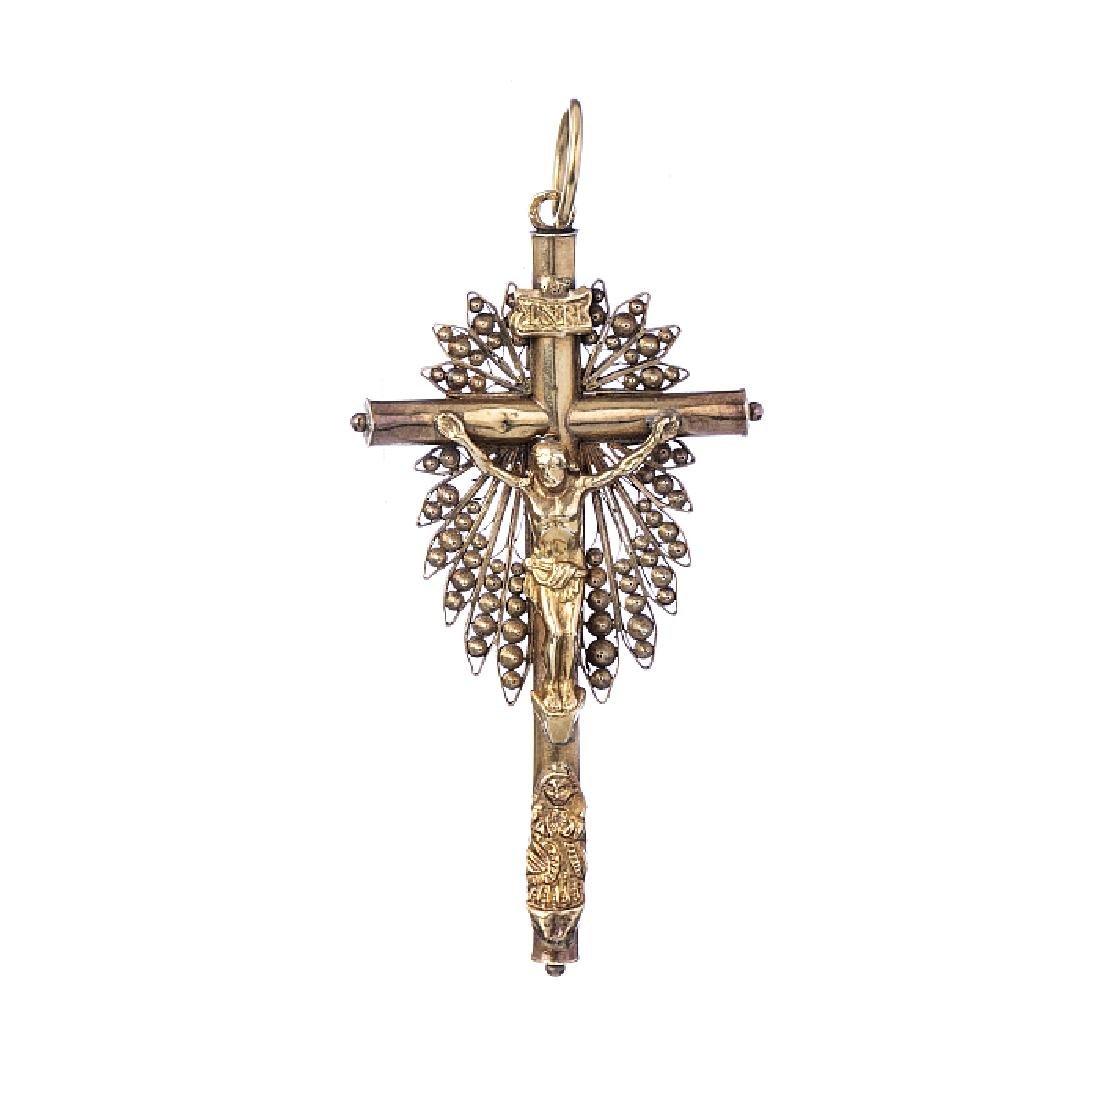 Crucifix in gold, 18th century